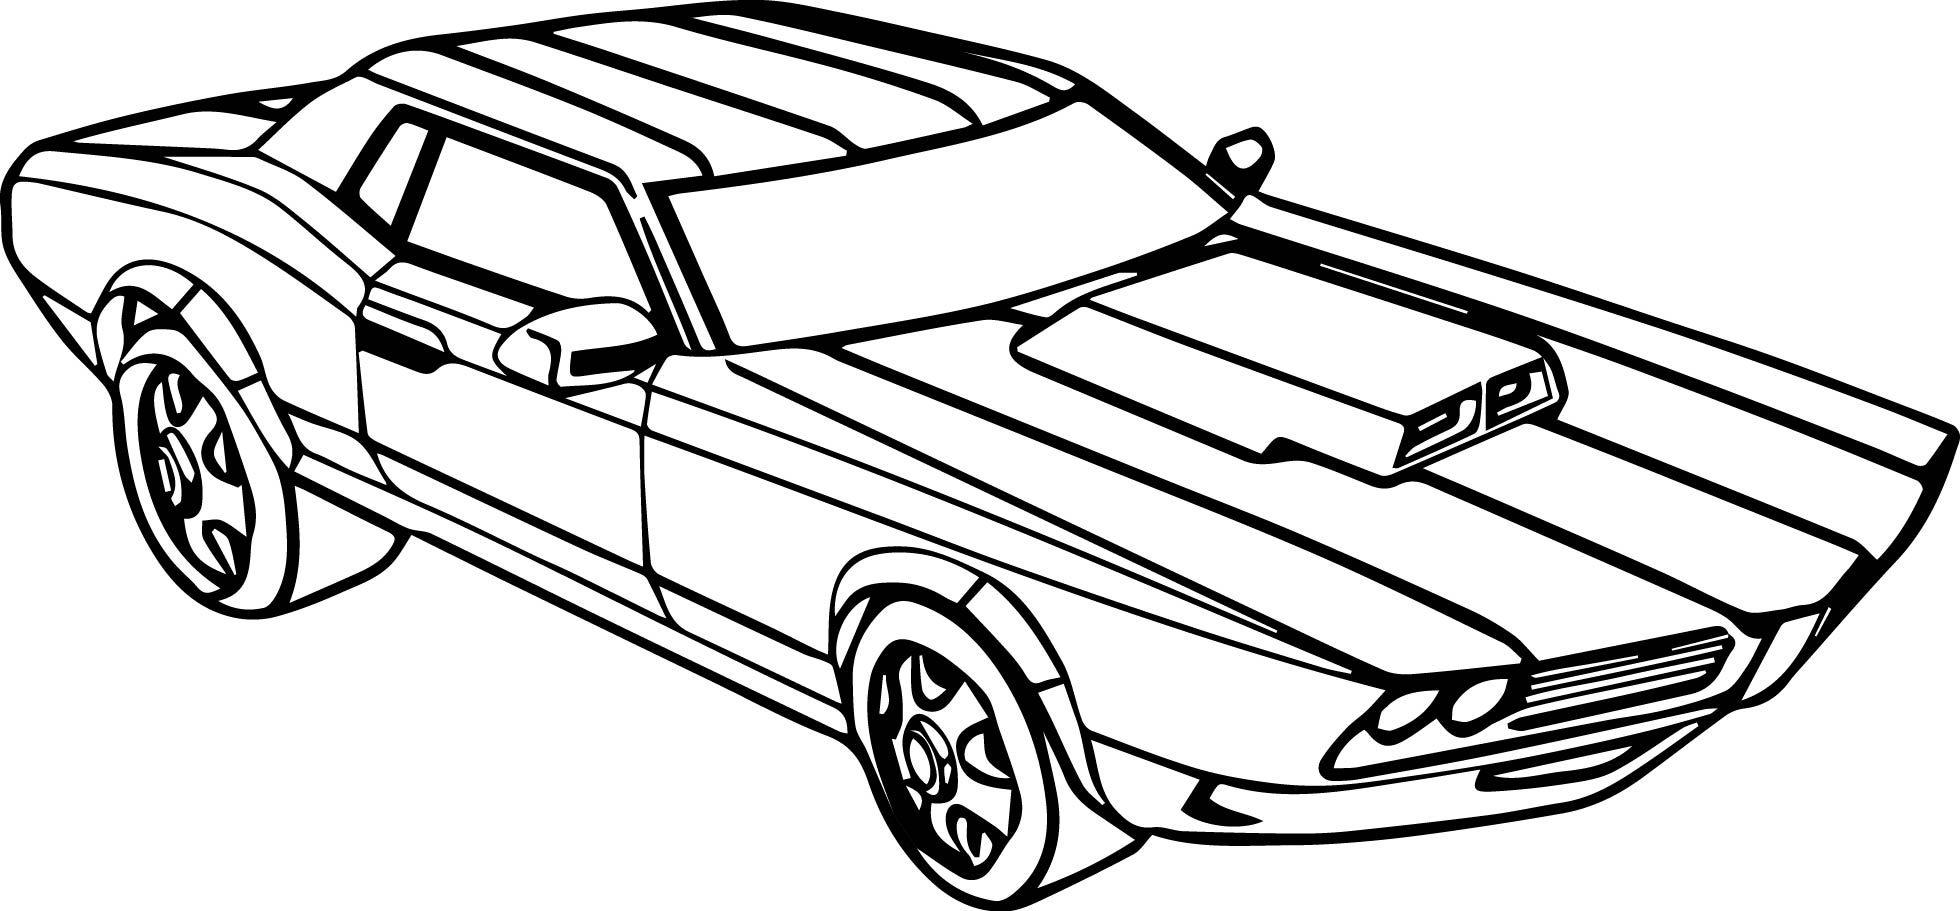 Ben Ten Kevin Car Coloring Page Wecoloringpage Carros Para Colorear Dibujos De Autos Rapidos Y Furiosos